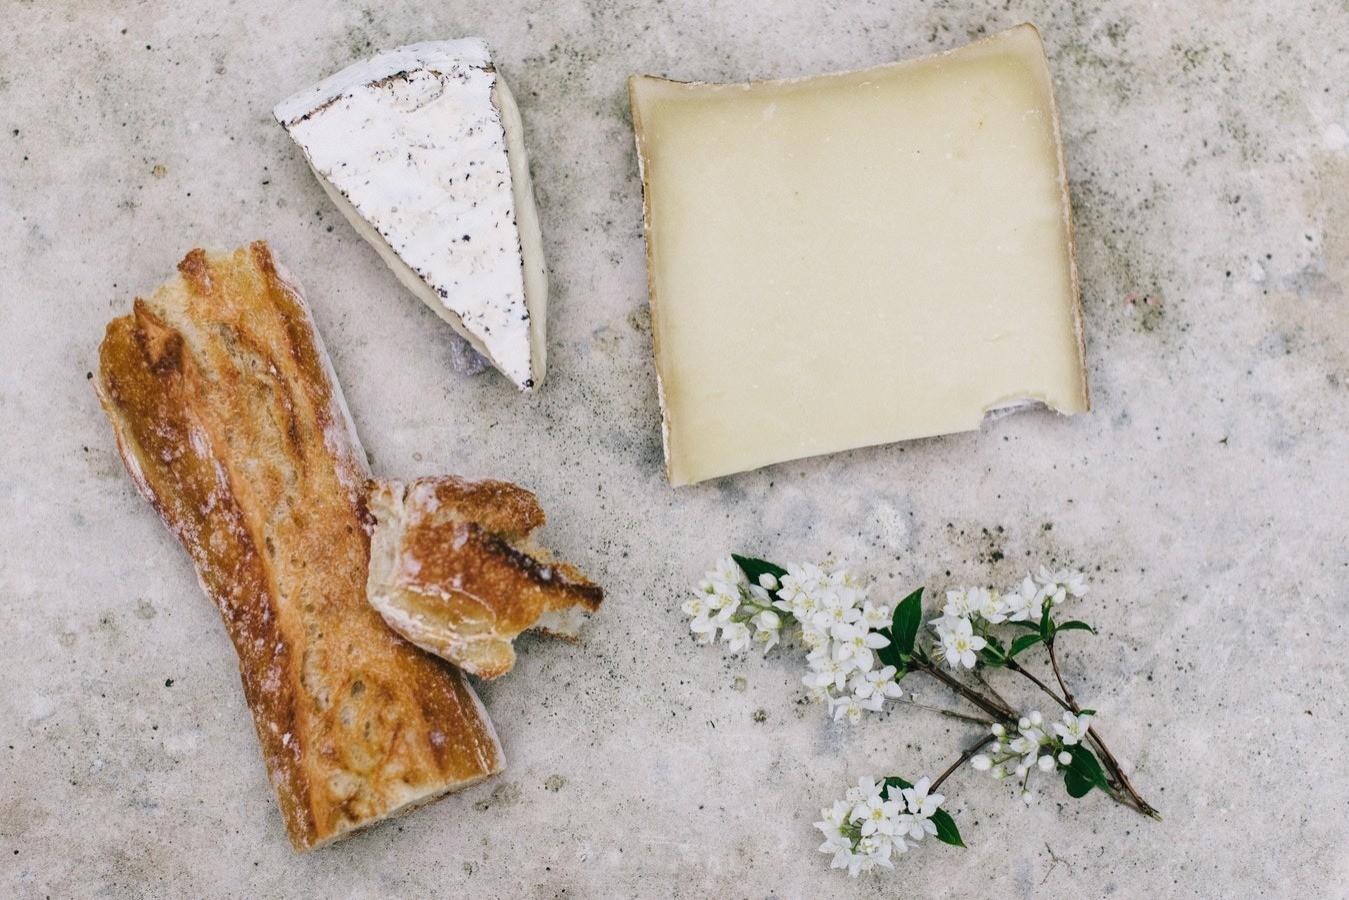 Опасны для здоровья: какие продукты повышают холестерин и чем они чреваты